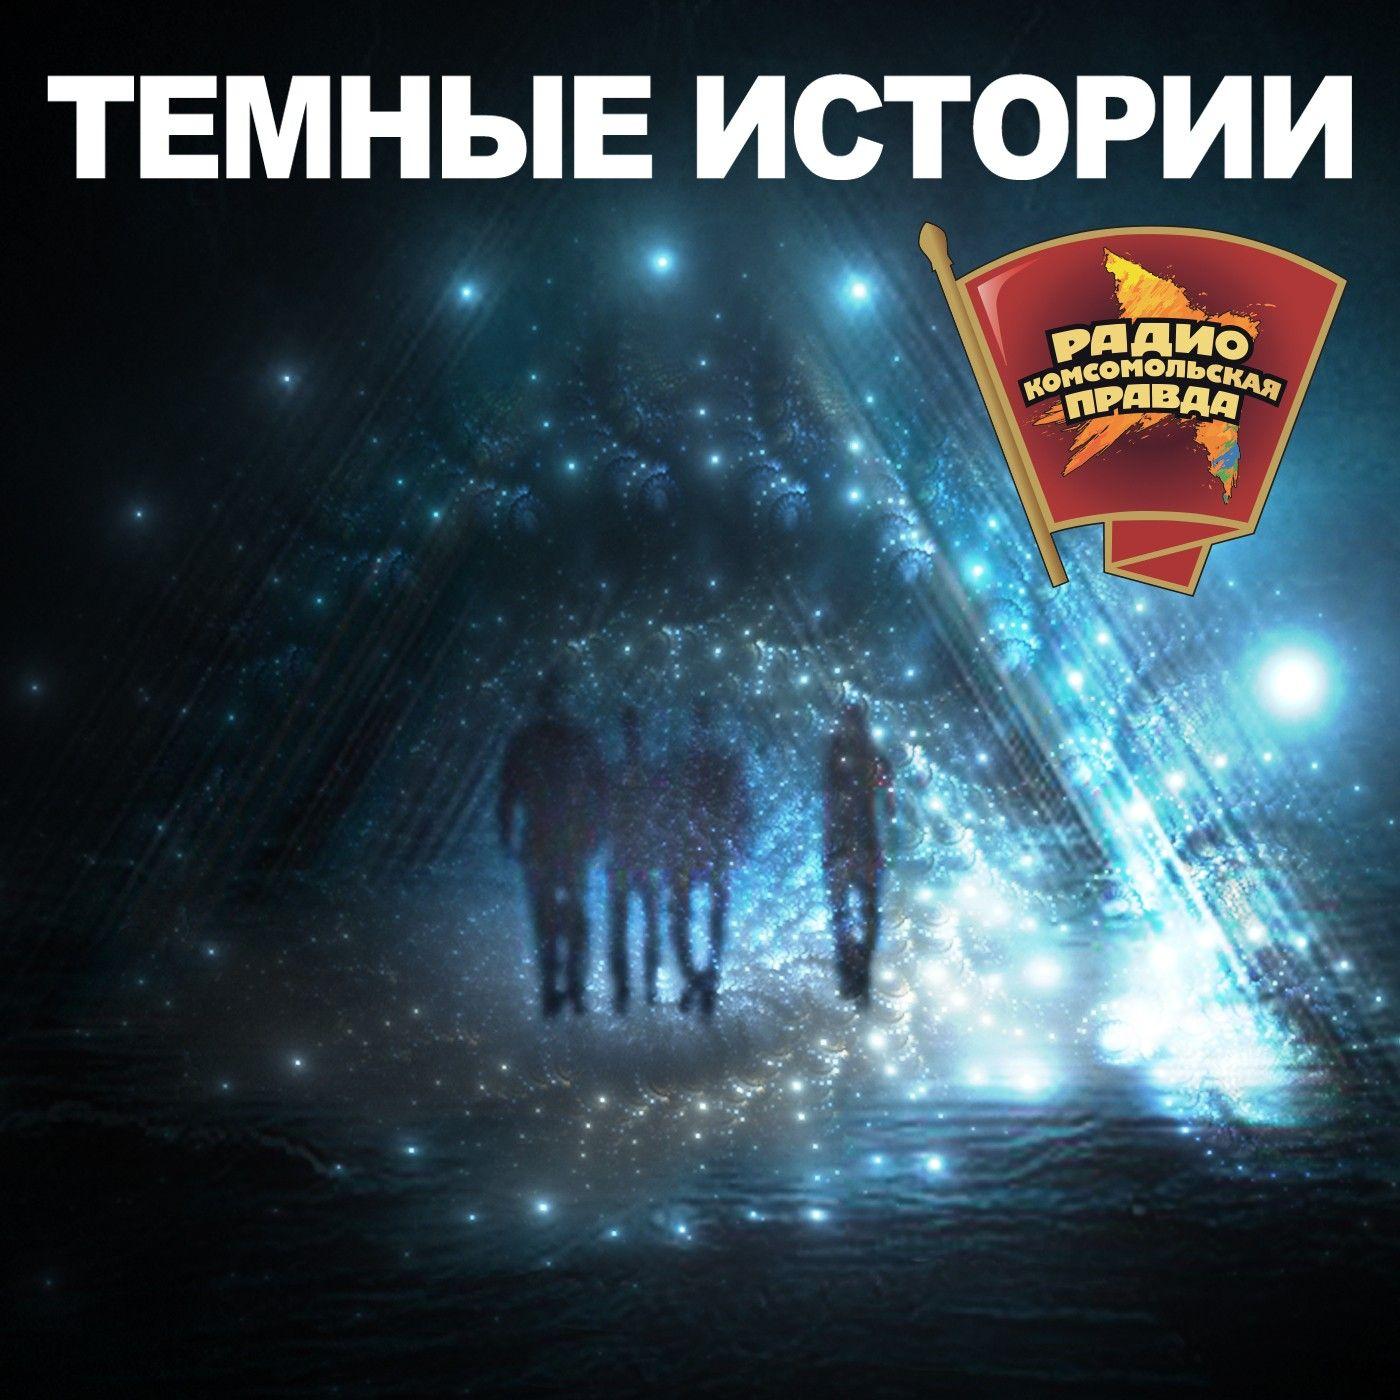 Творческий коллектив программы «Темные истории» В России сейчас активно действует 1200 масонов николай михайлович граф павел александрович строганов 1774 1817